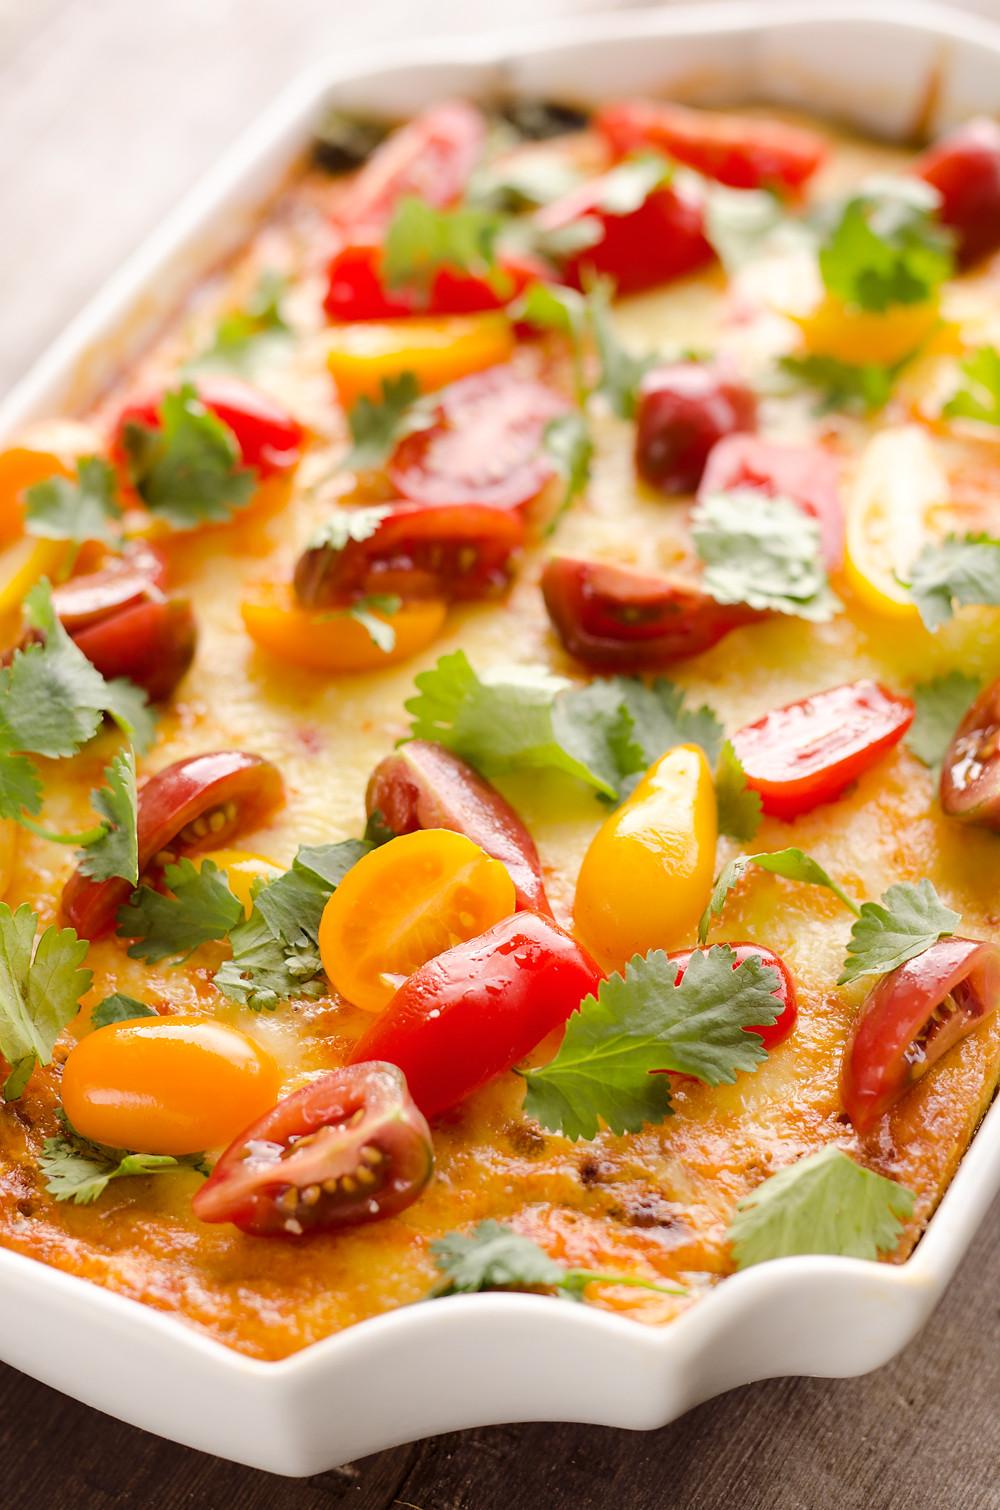 Low Carb Brunch Recipes  Roasted Poblano & Chorizo Egg Casserole Low Carb Recipe